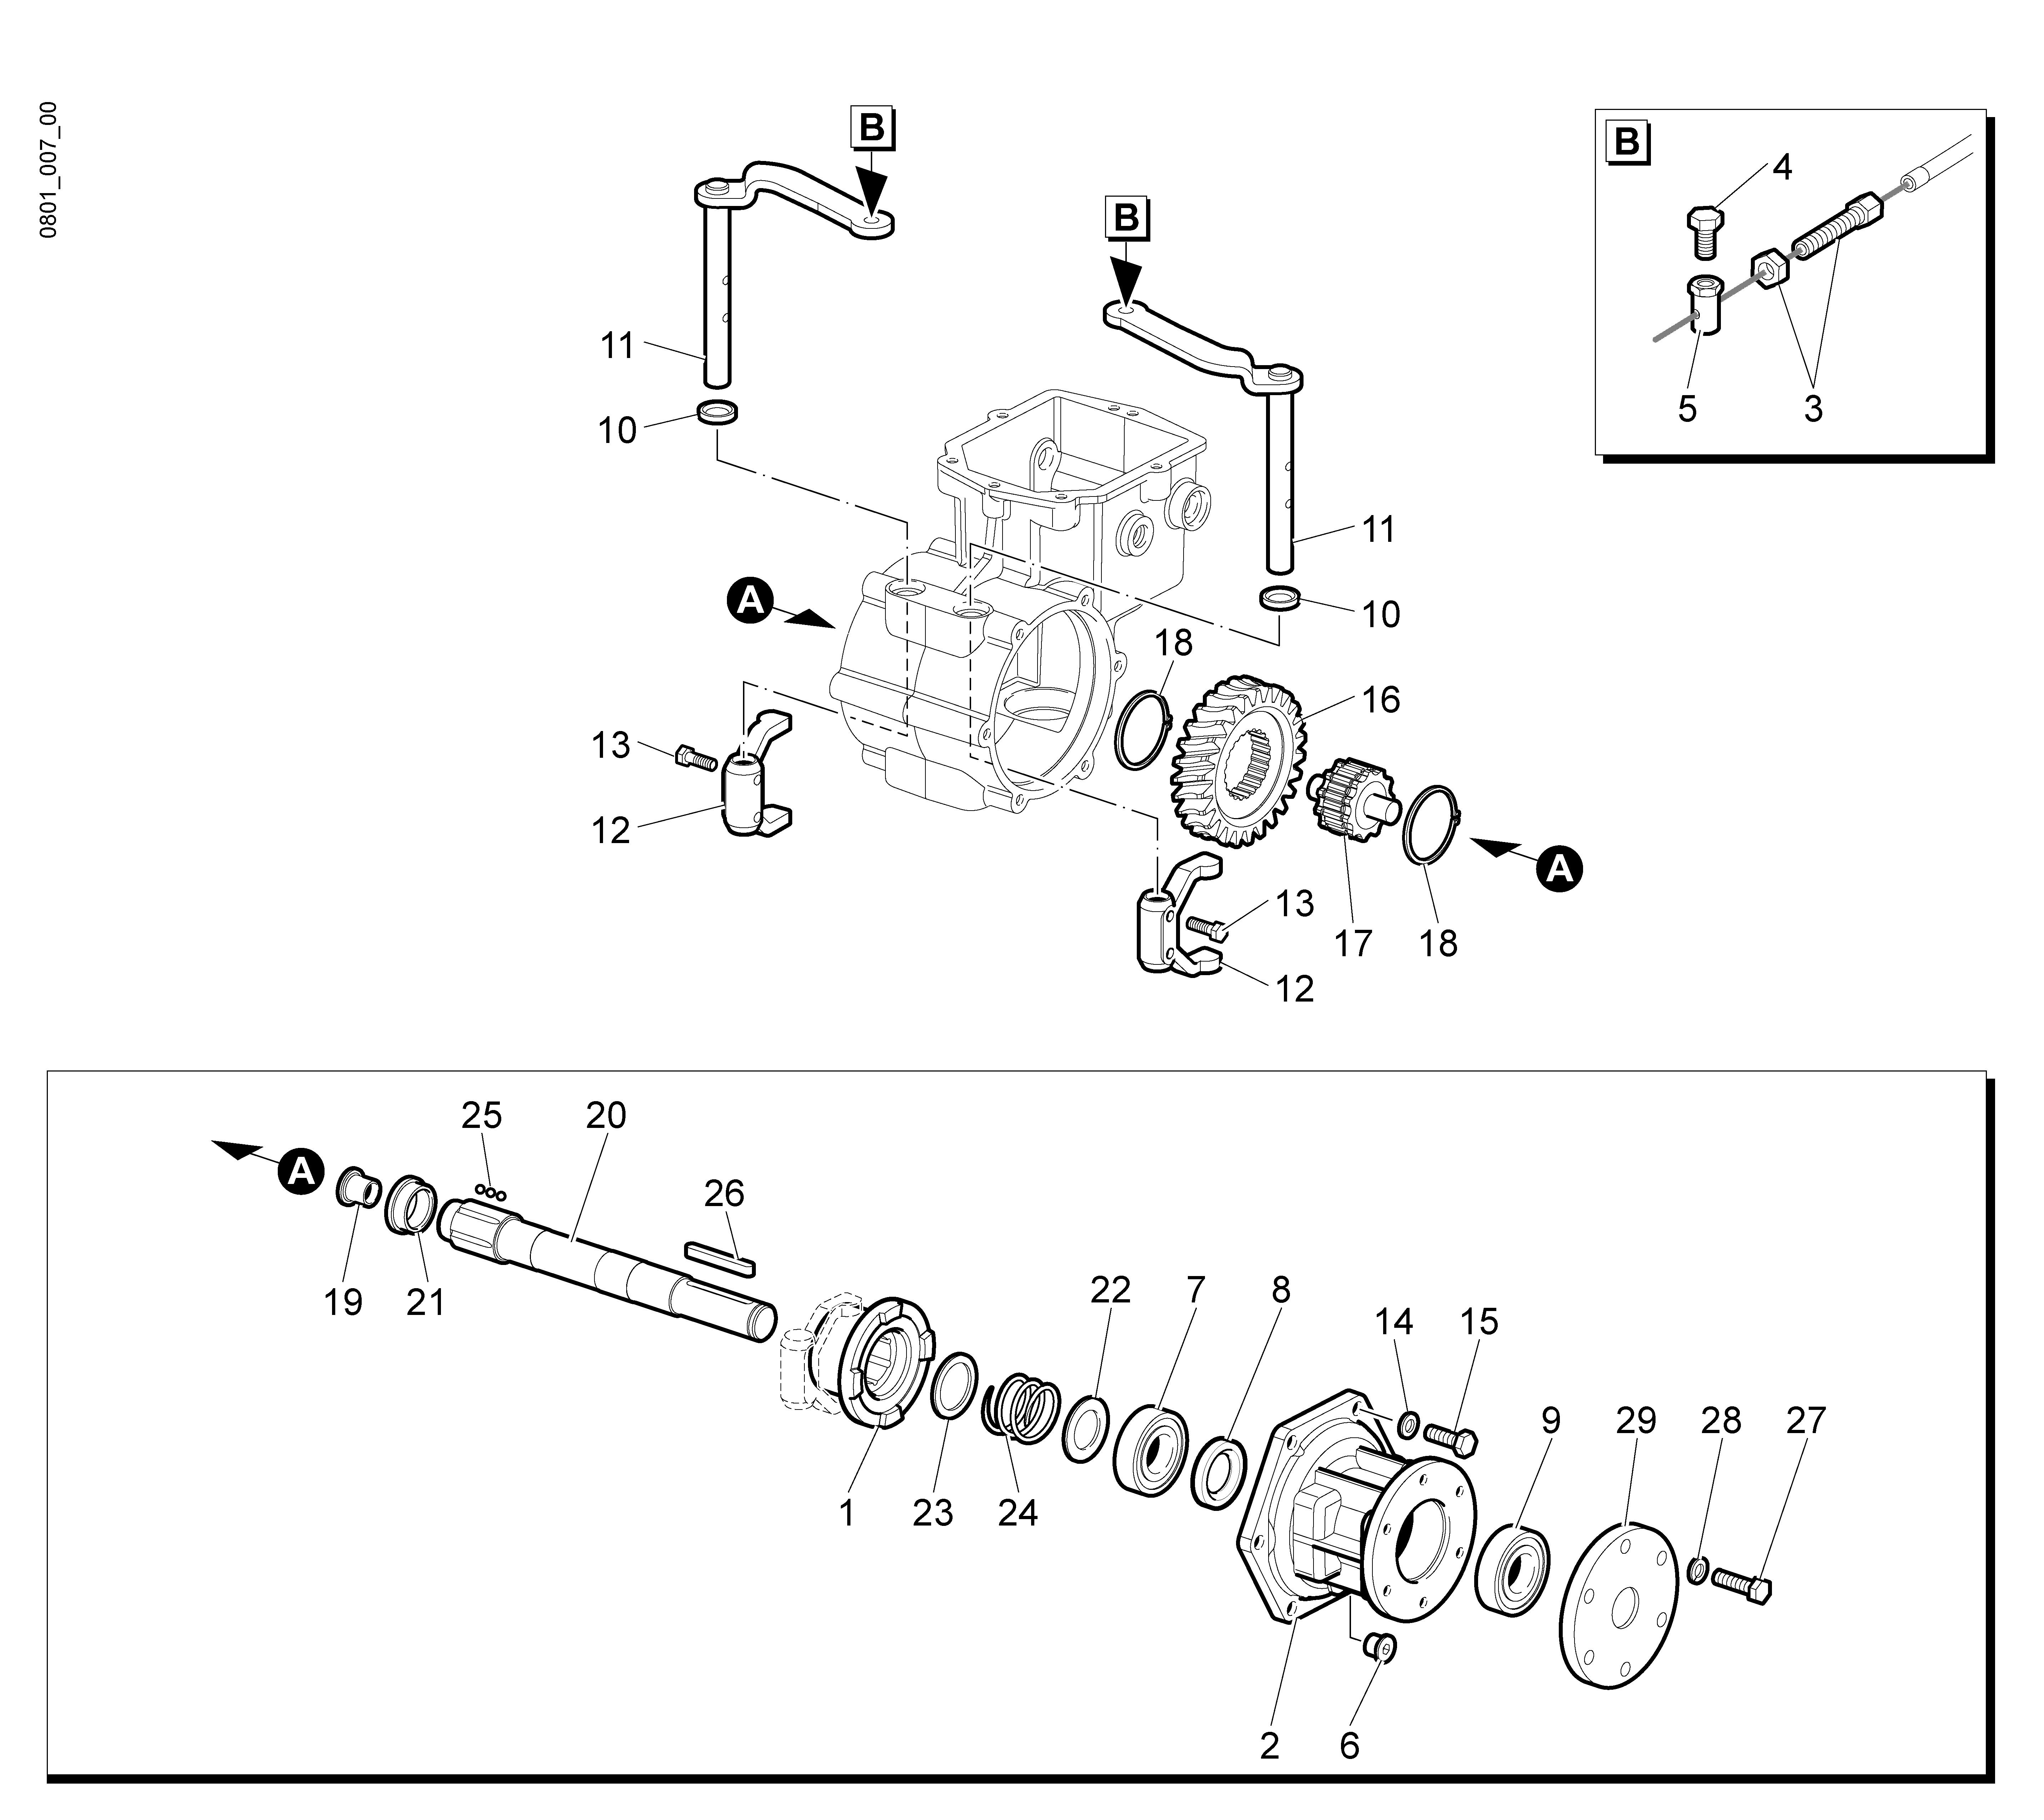 WB 55 H 6,5 Tondeuse à fléaux  Oleomac vue éclatée  Dessins pièces -  Engrenages de la boite a vitesse (2/2)